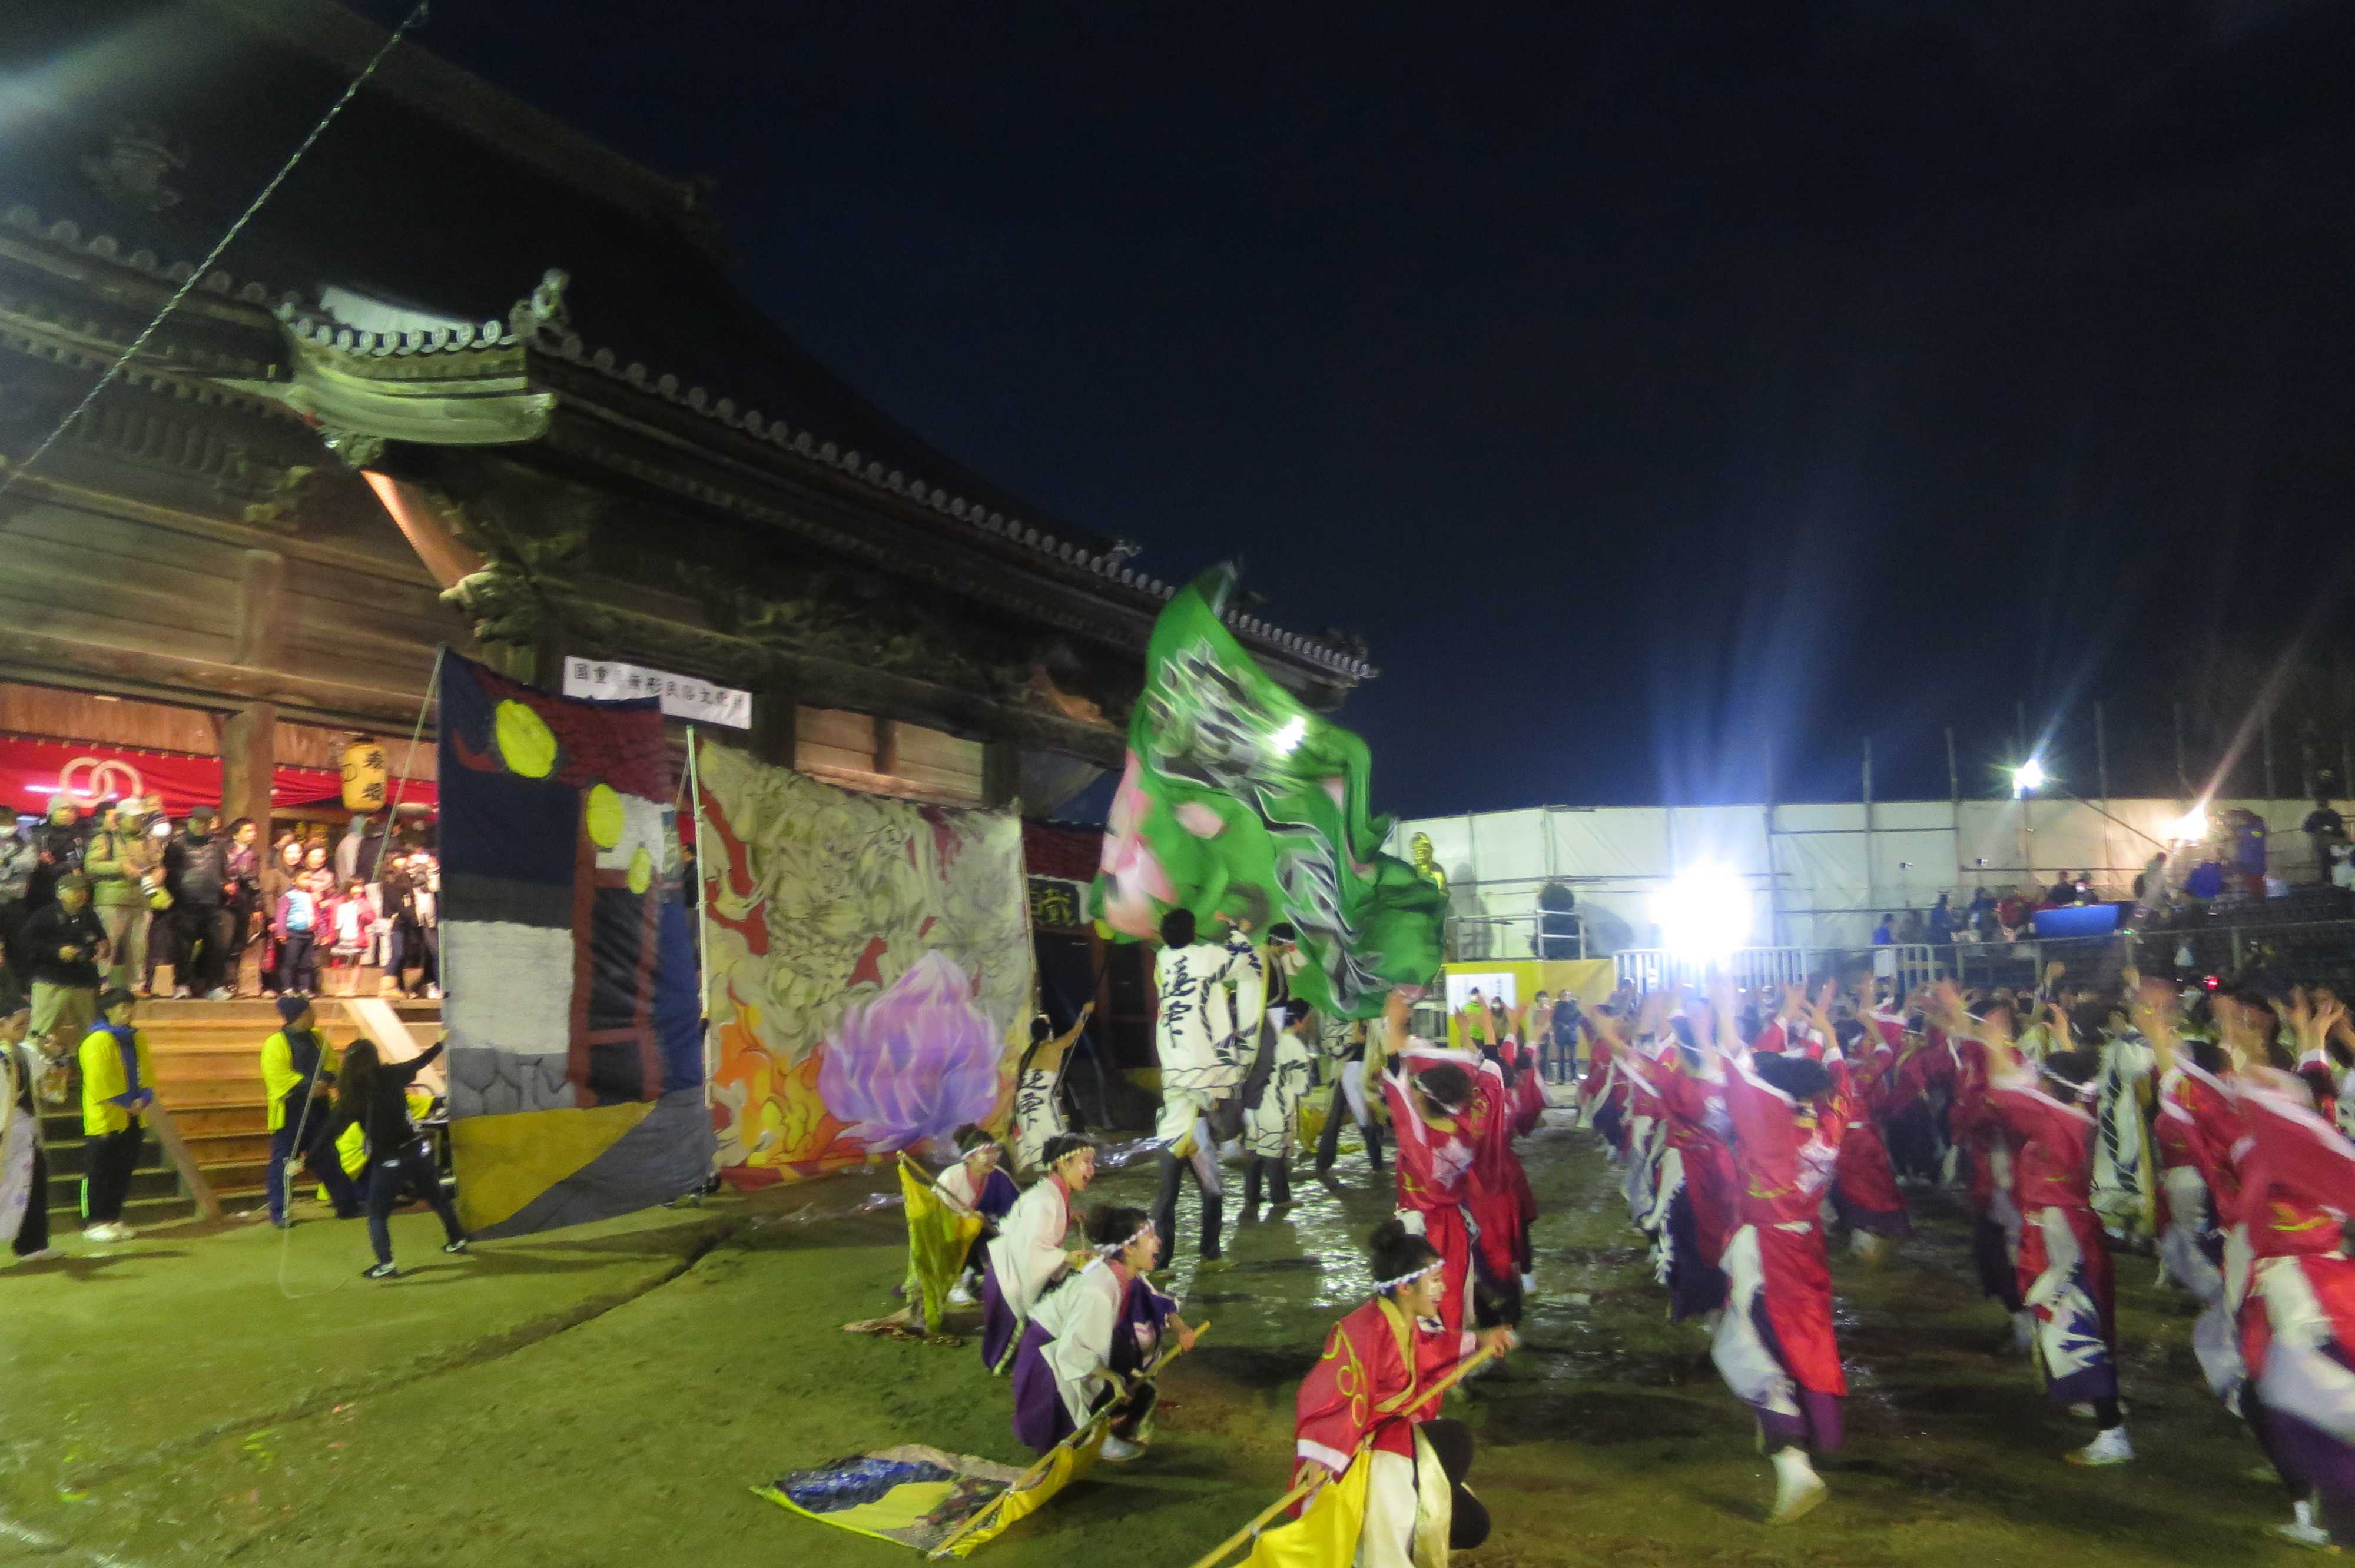 西大寺会陽 - 奉納演舞 うらじゃ踊り連「蓮雫(れんげ)」